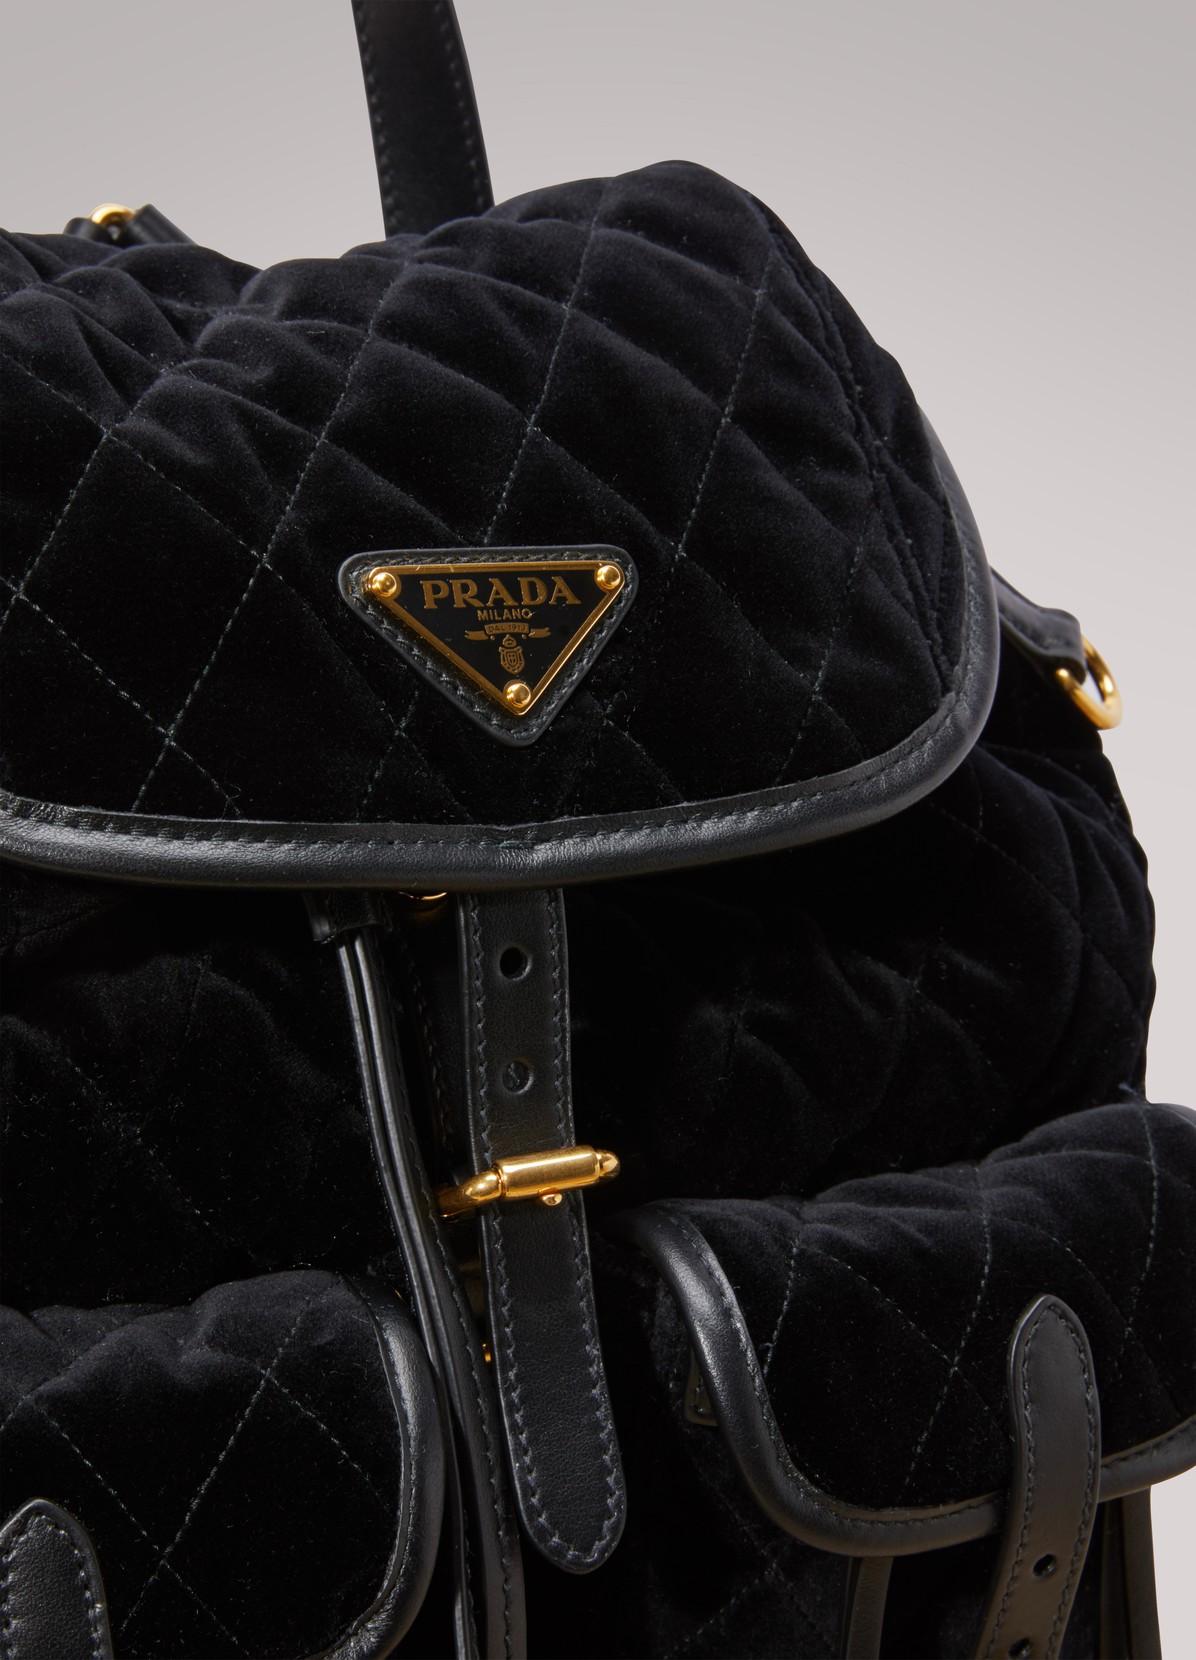 9d28613fd51 ... new style prada prada saffiano lux galleria shopping bag 25cm reebonz  prada cahier crossbody bag prada ...